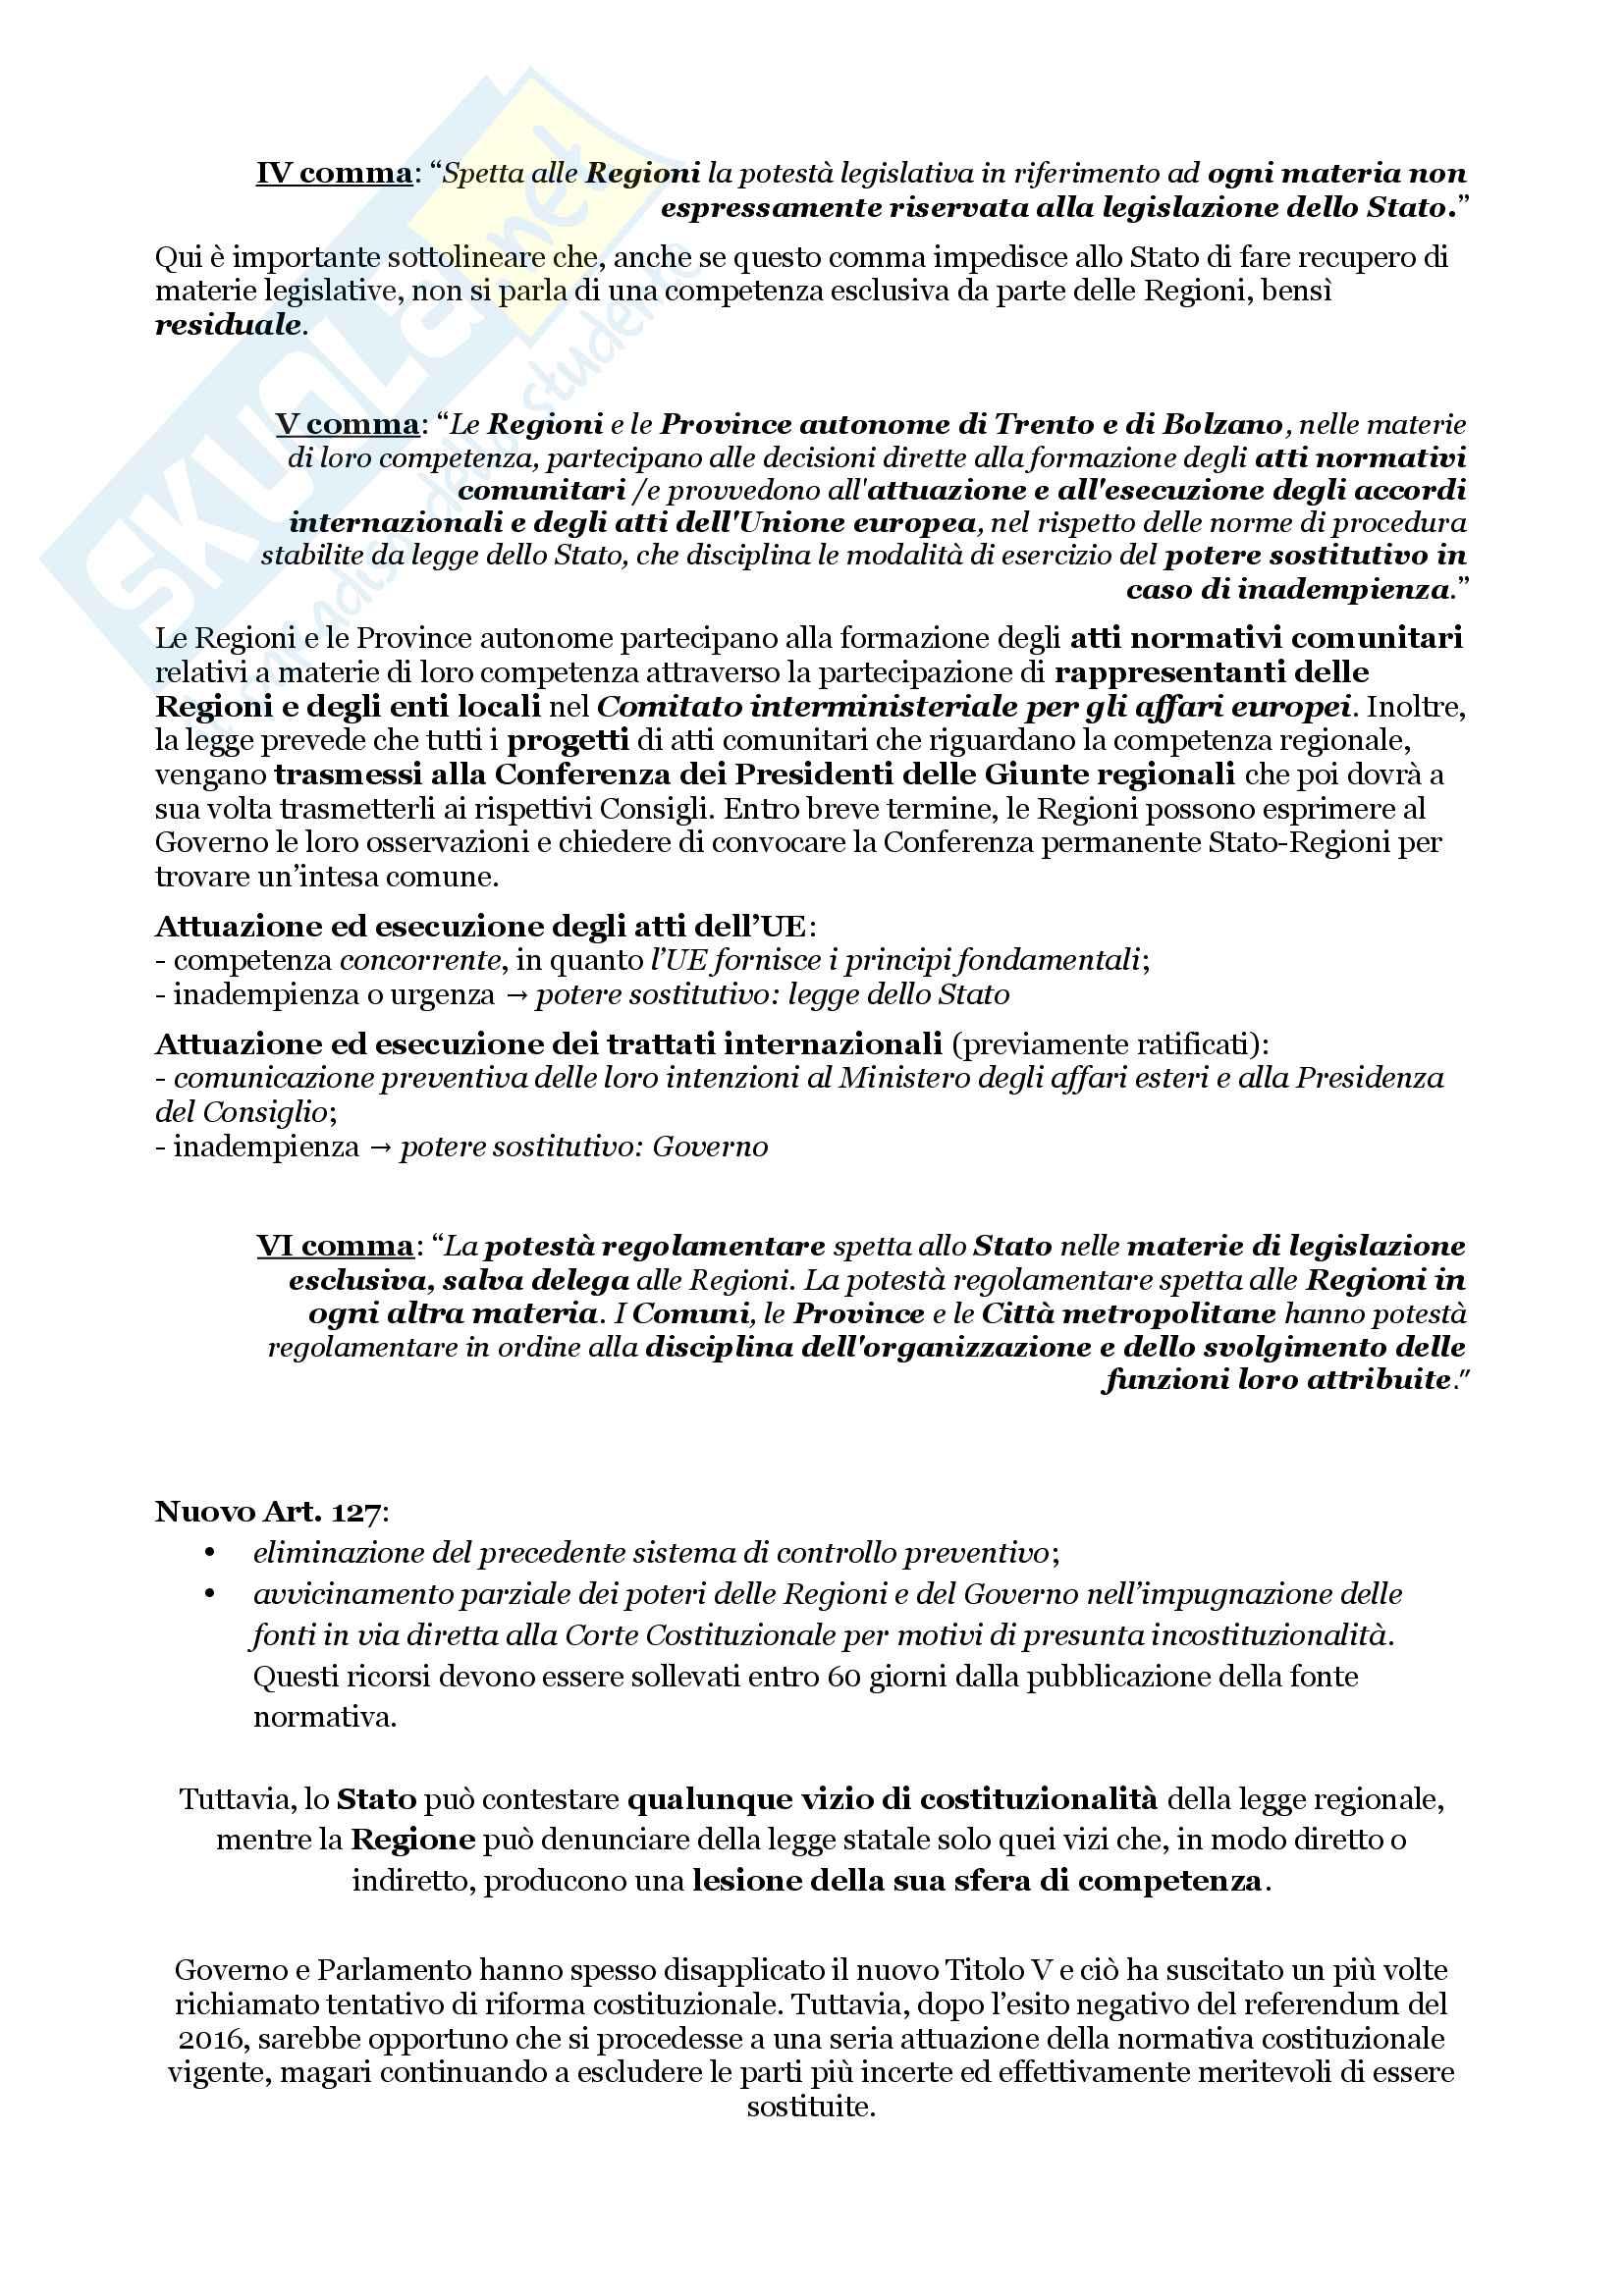 Schemi riassuntivi di istituzioni di diritto pubblico (libro di riferimento: Diritto costituzionale e pubblico, Carretti, De Siervo) Pag. 71